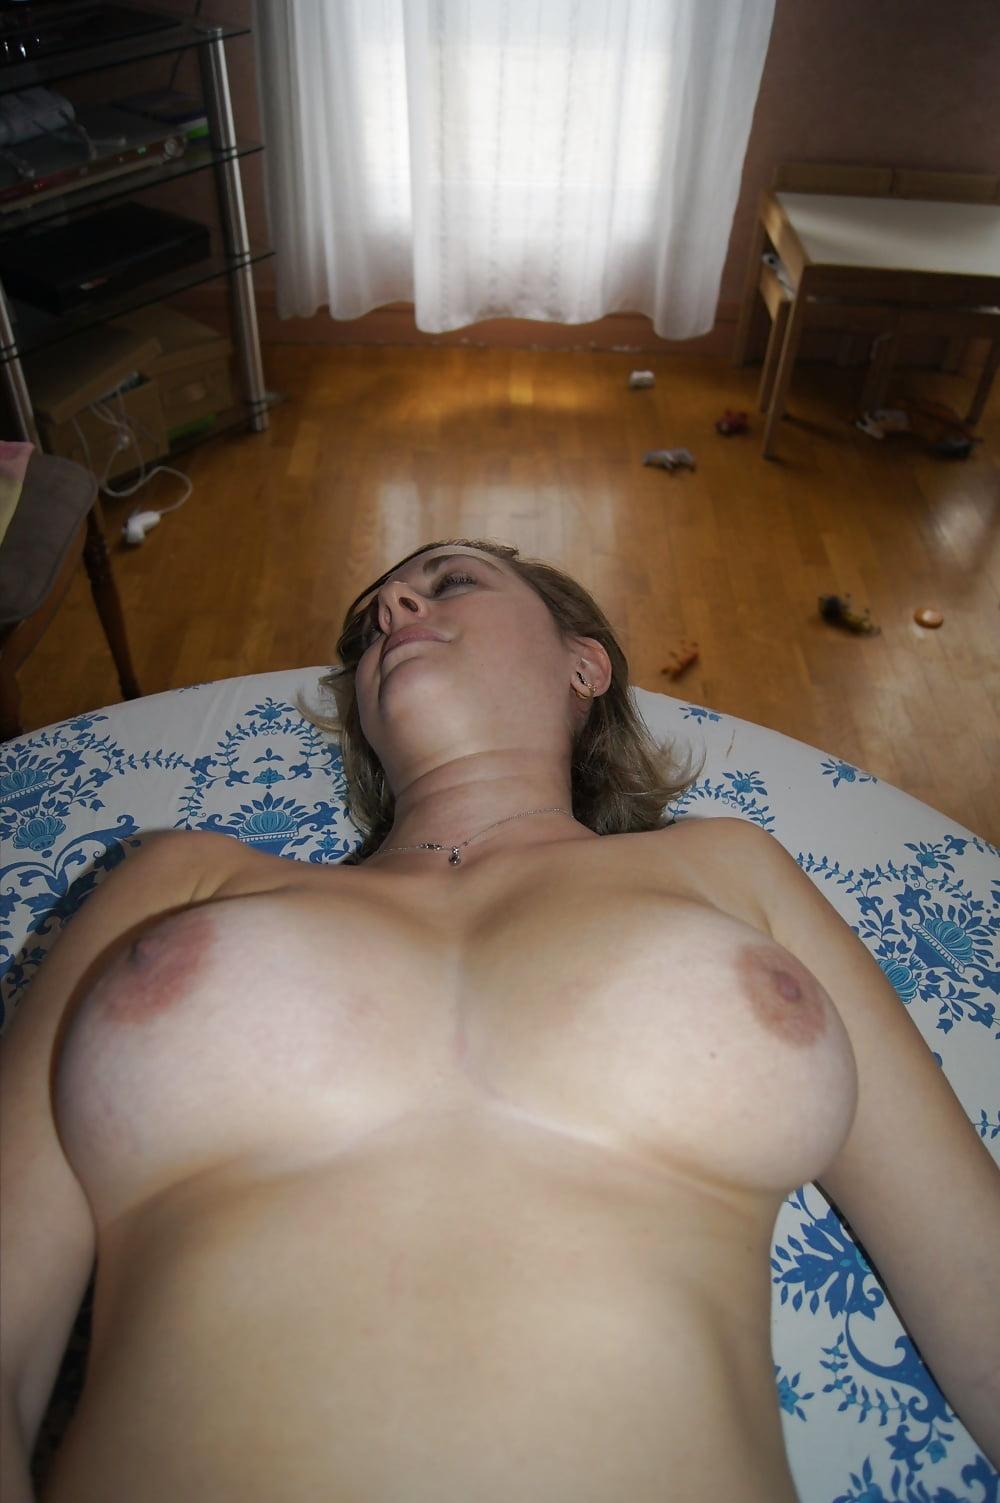 большие груди соседки фото - 10